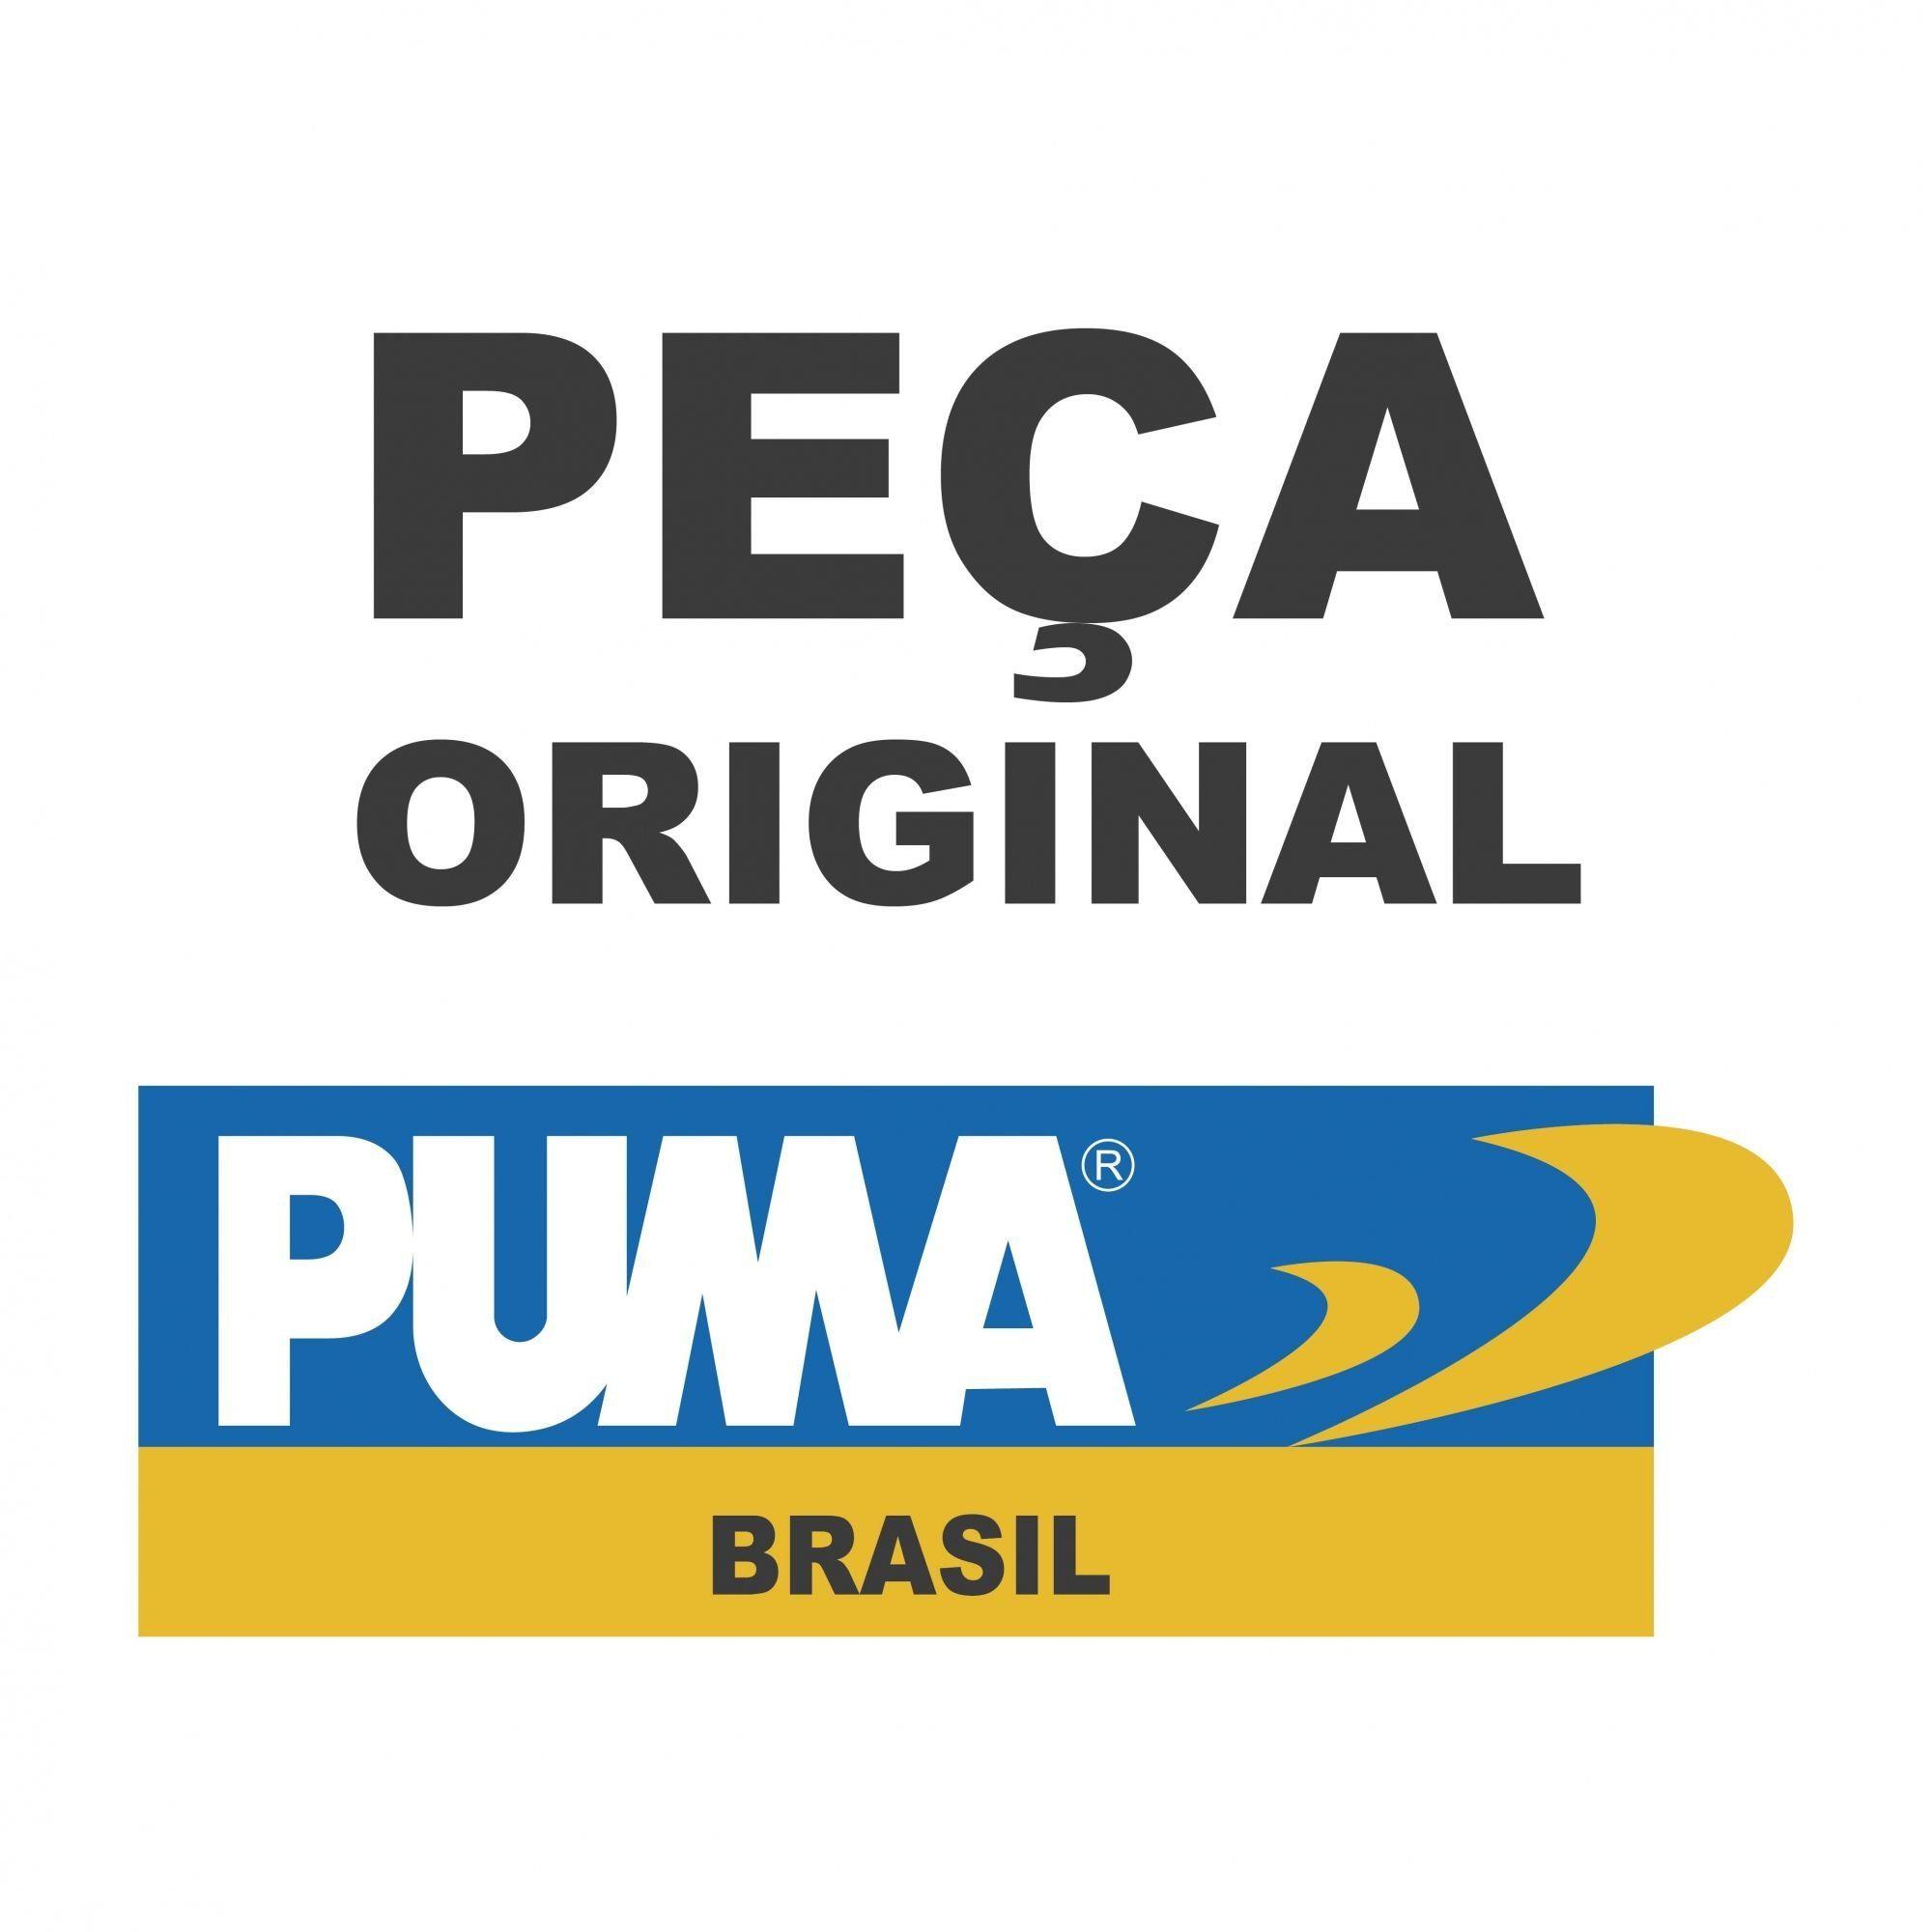 O'RING - PEÇA PNEUMÁTICA PUMA - T4031I-05